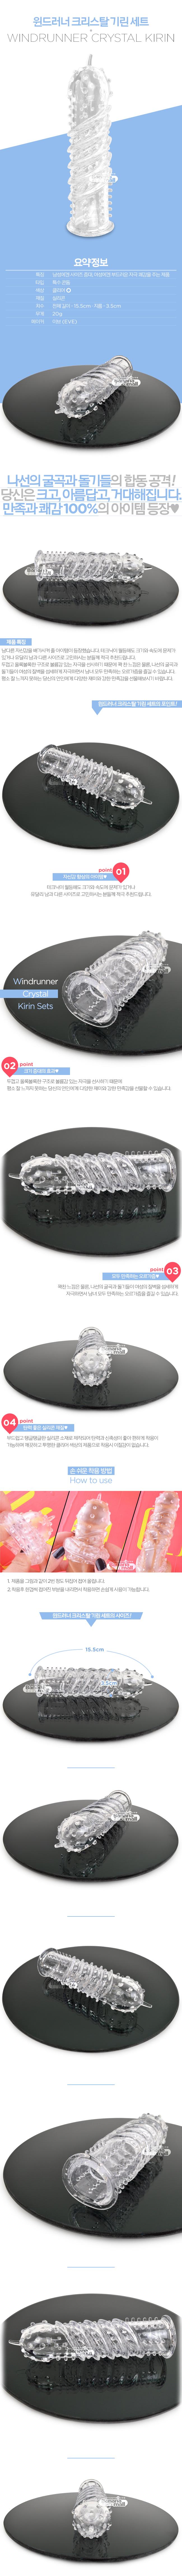 [특수콘돔] 윈드러너 크리스탈 기린 세트(EVE Windrunner Crystal Roared Sets) - 이브(697002595020) (EVE)